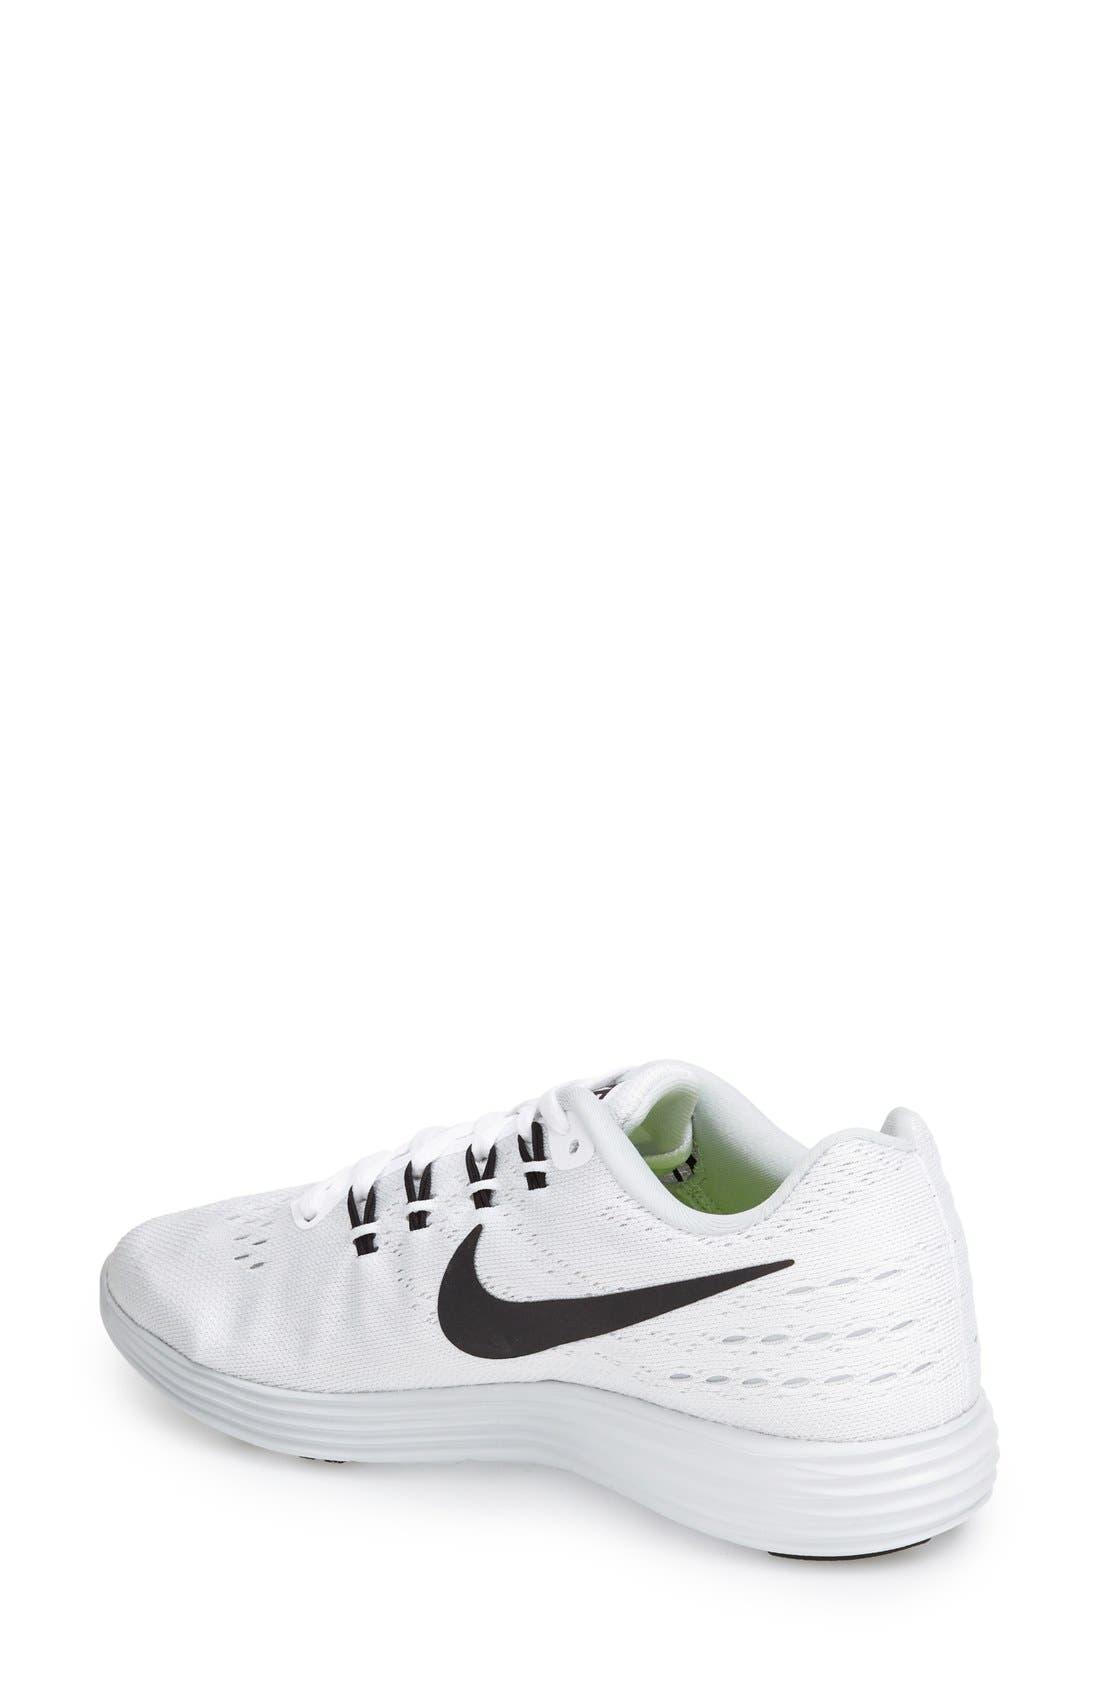 Alternate Image 2  - Nike 'LunarTempo 2' Running Shoe (Women)